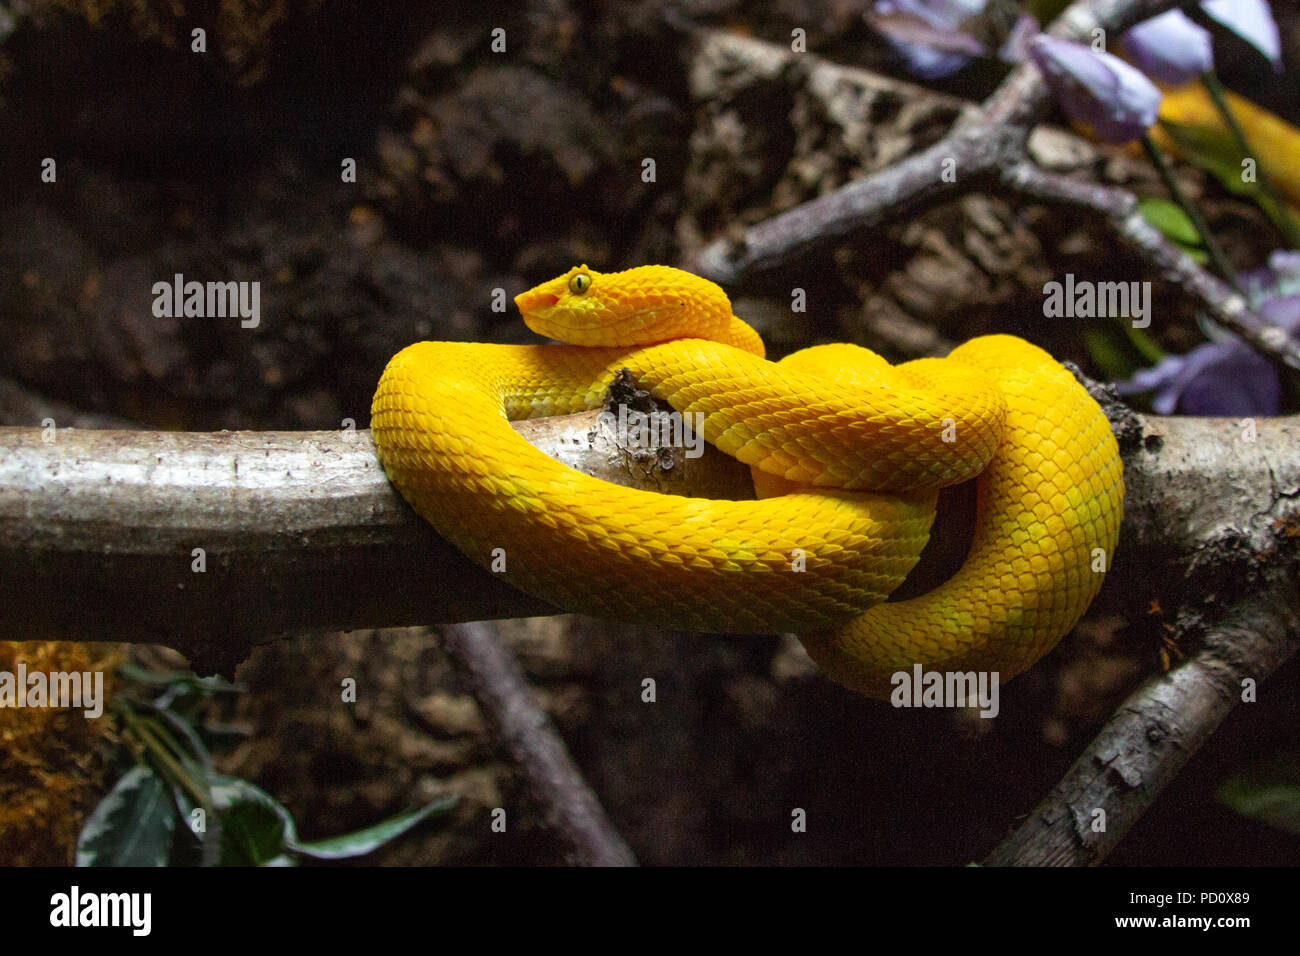 Bothriechis schlegelii el ojo lash viper snake Imagen De Stock